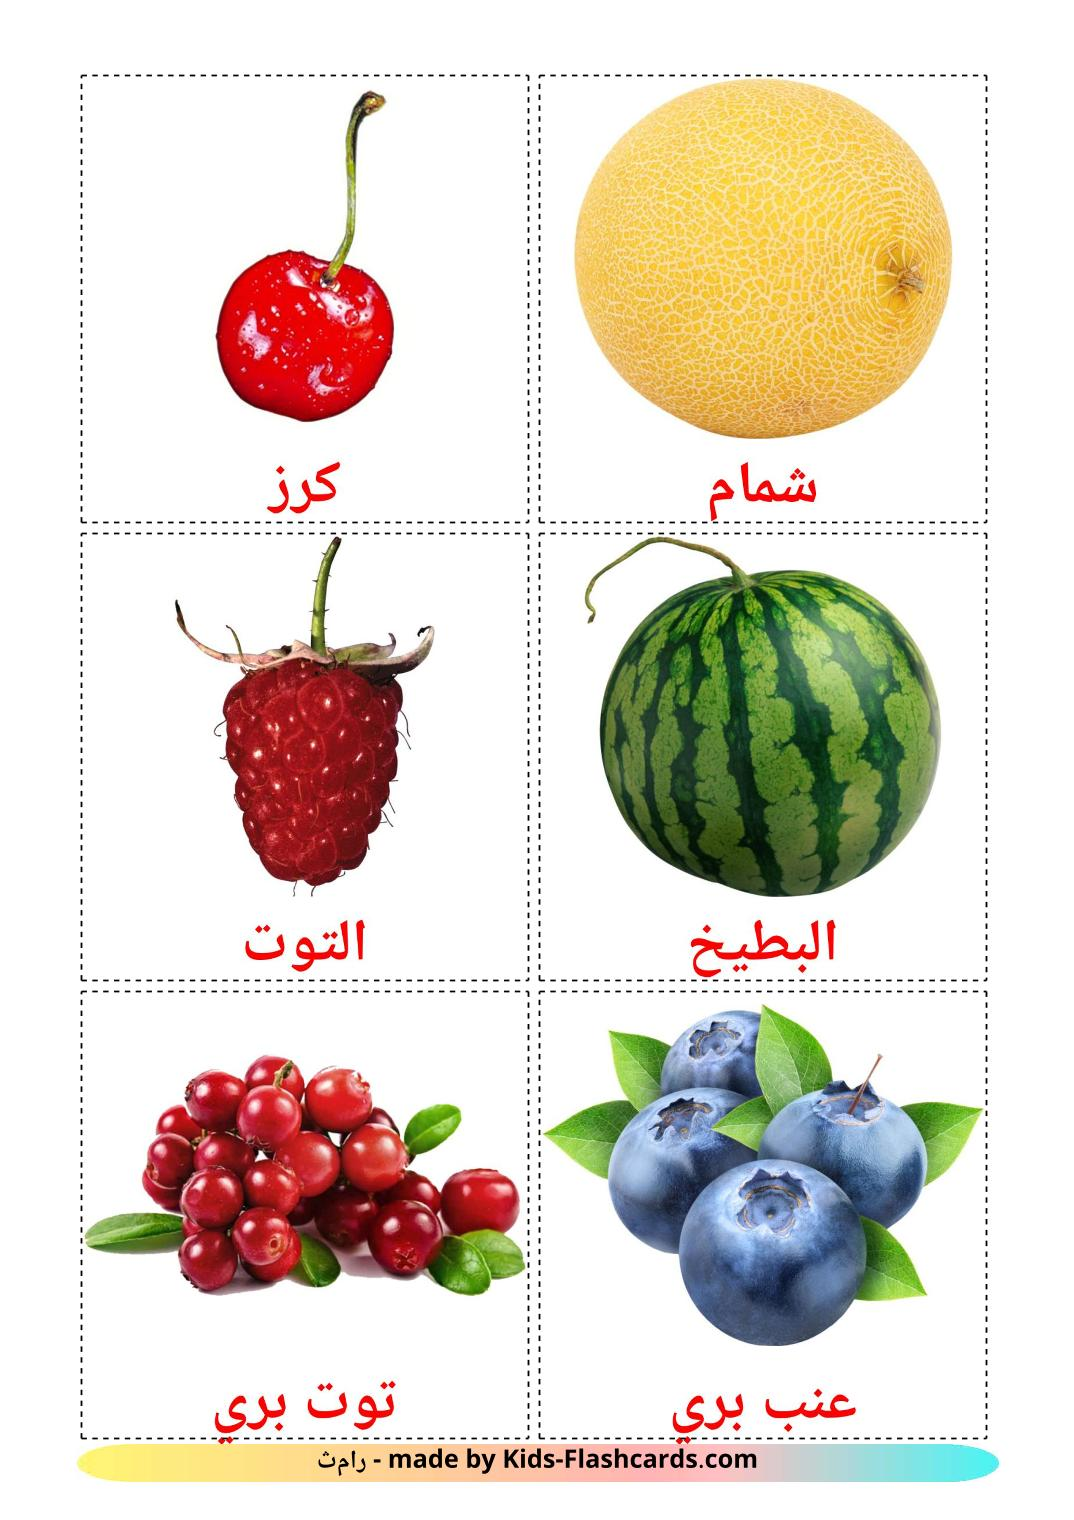 Berries - 11 Free Printable arabic Flashcards